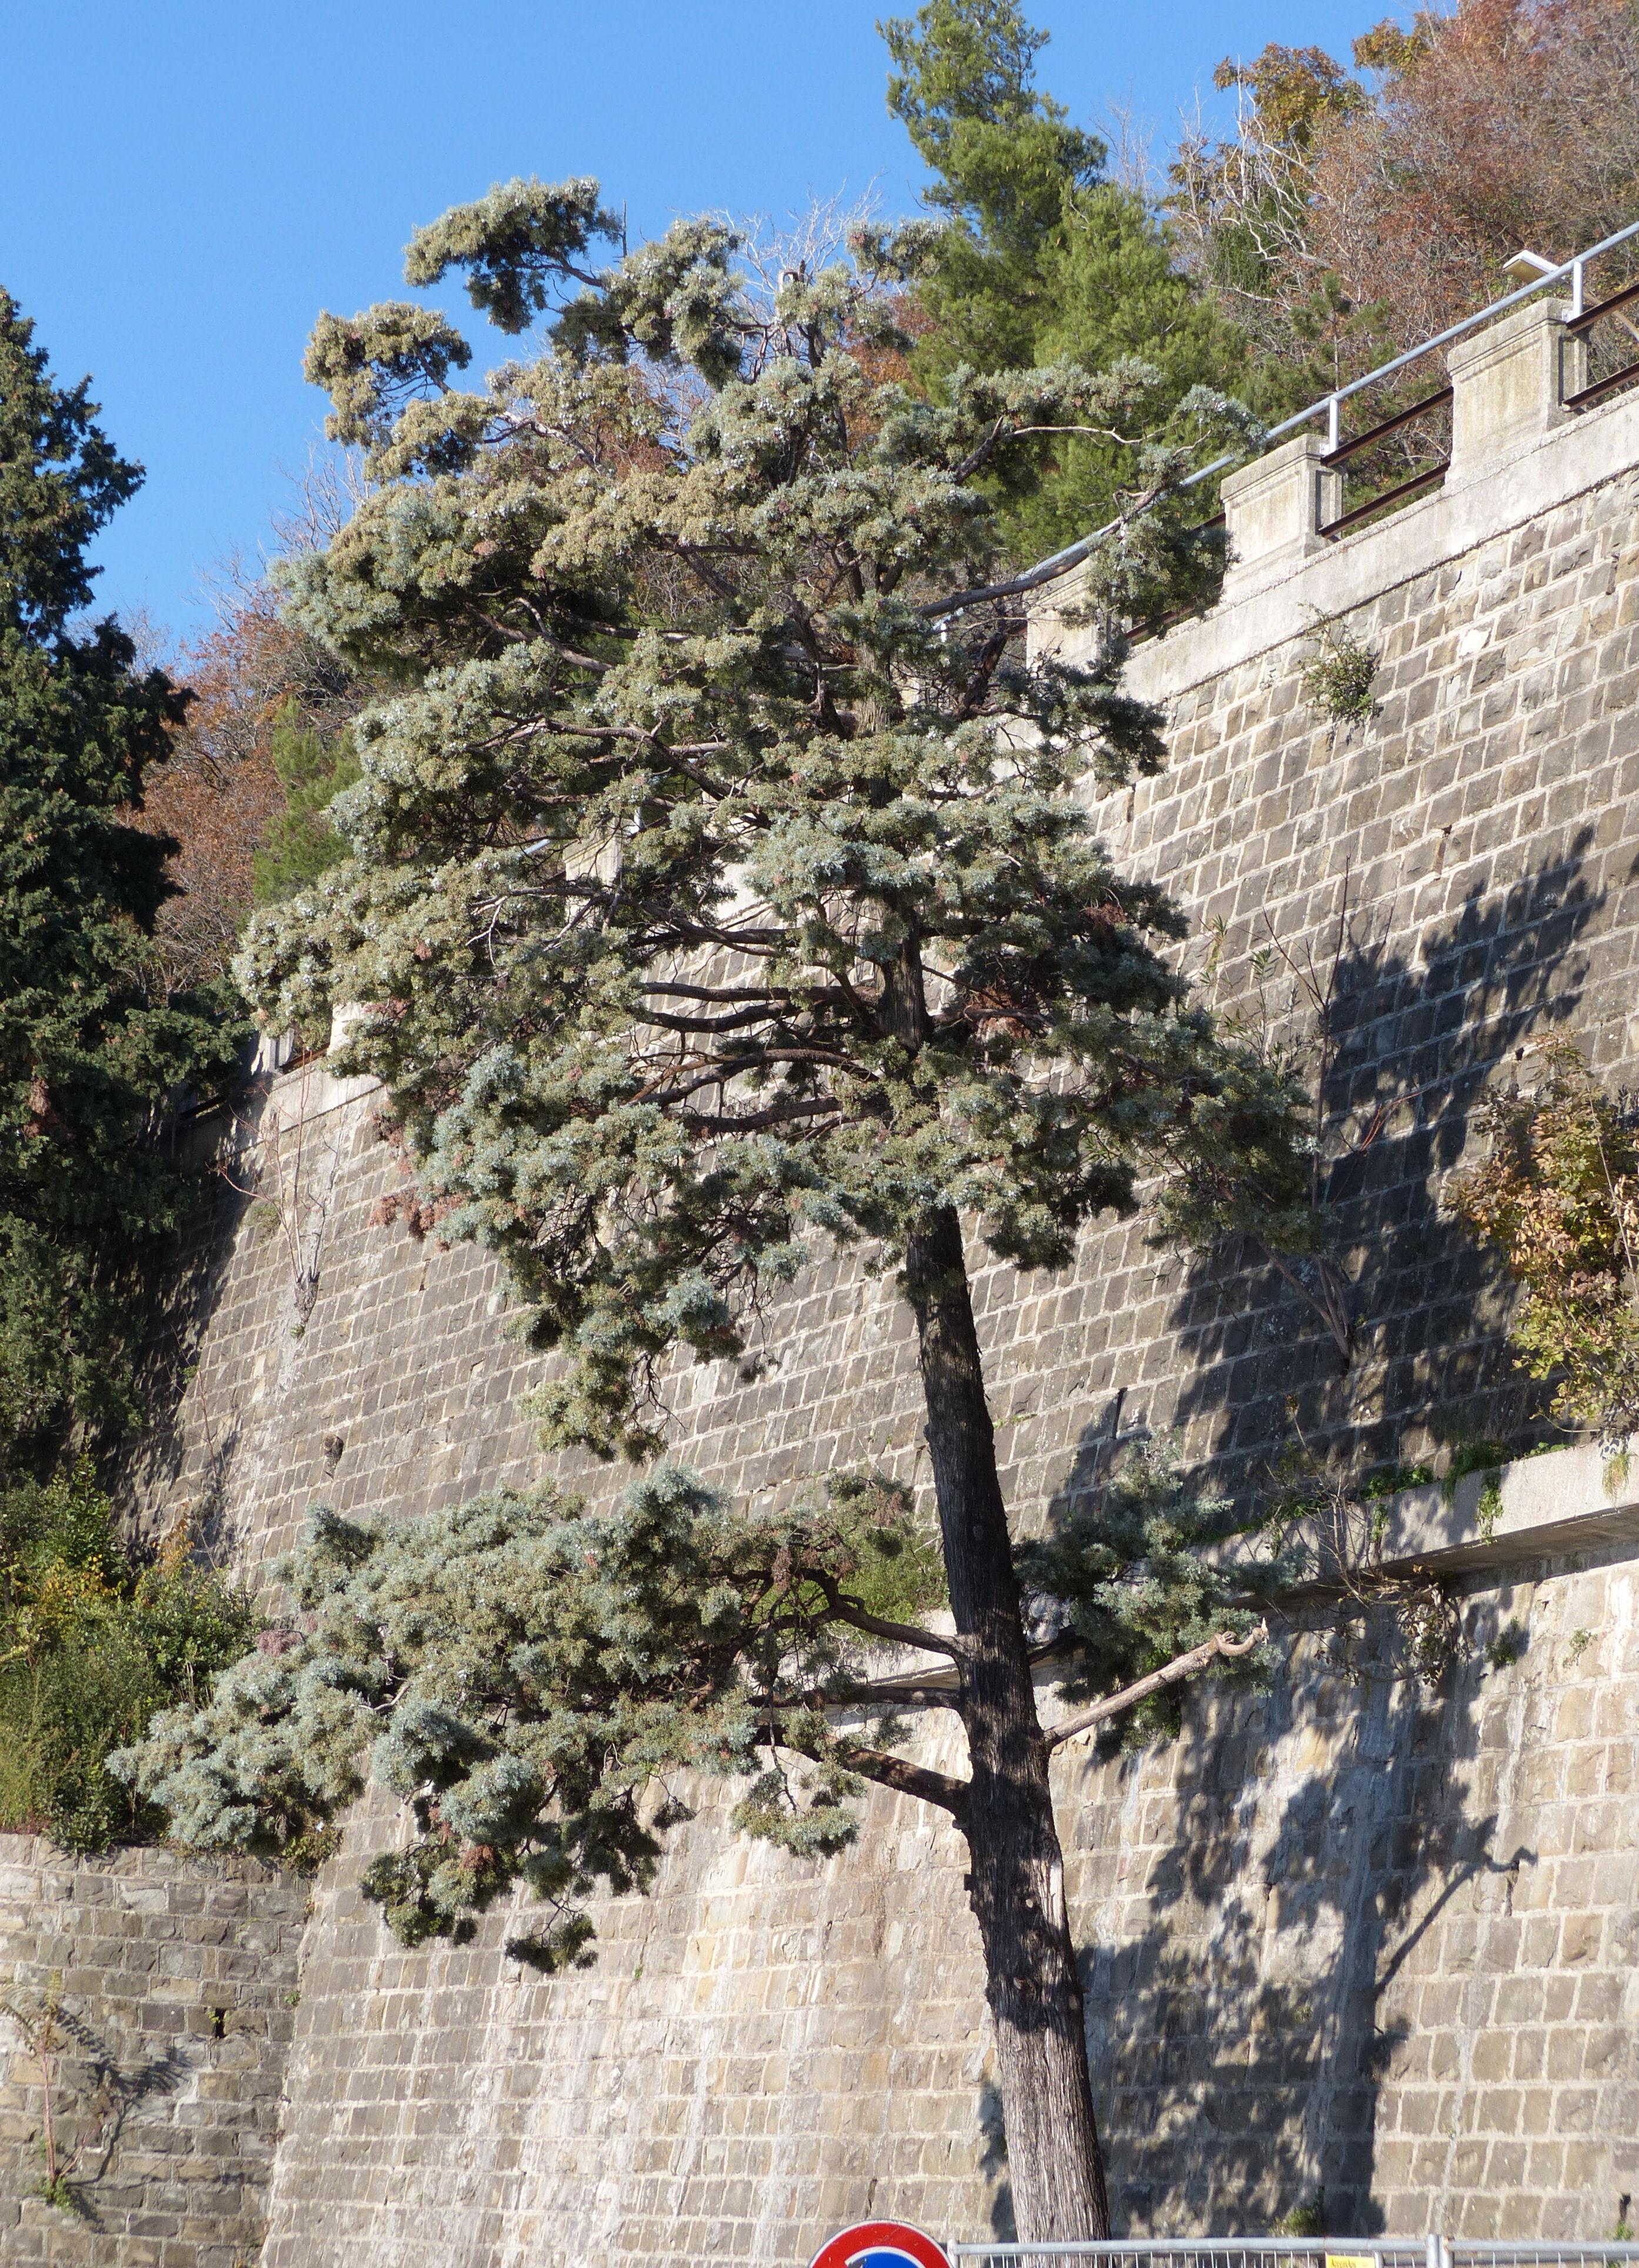 © Dipartimento di Scienze della Vita, Università degli Studi di Trieste<br>by Andrea Moro<br>Comune di Trieste, Lungomare di Barcola, TS, Friuli Venezia Giulia, Italia, 29/11/2013<br>Distributed under CC-BY-SA 4.0 license.